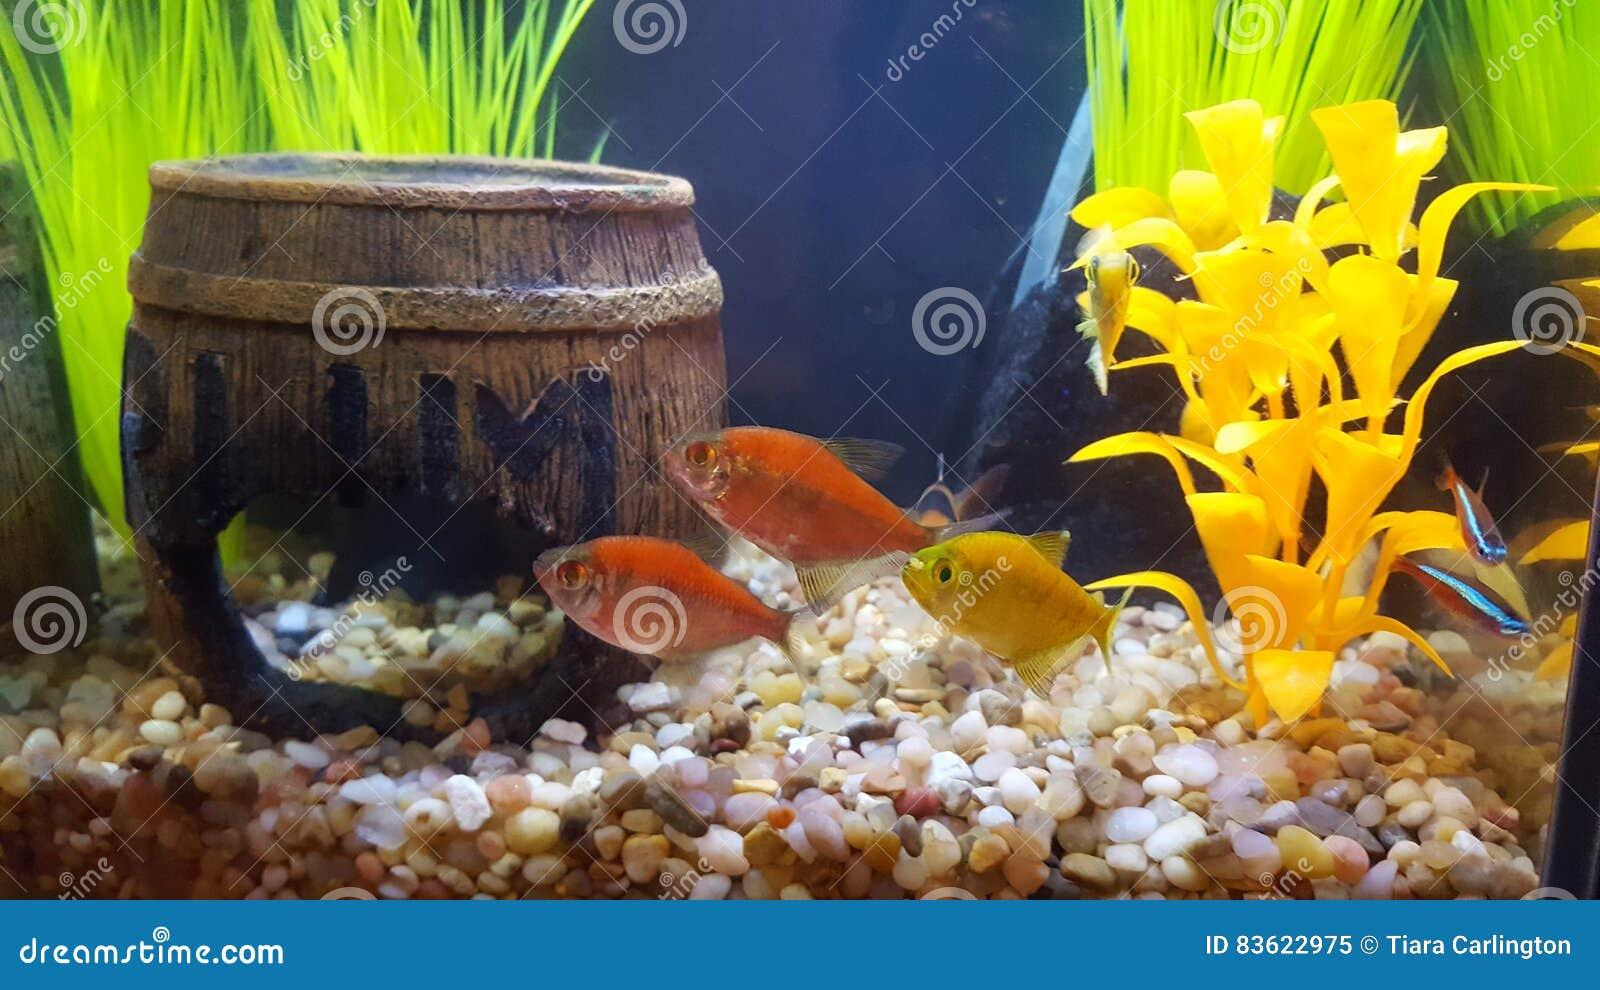 Glofish, vissentank